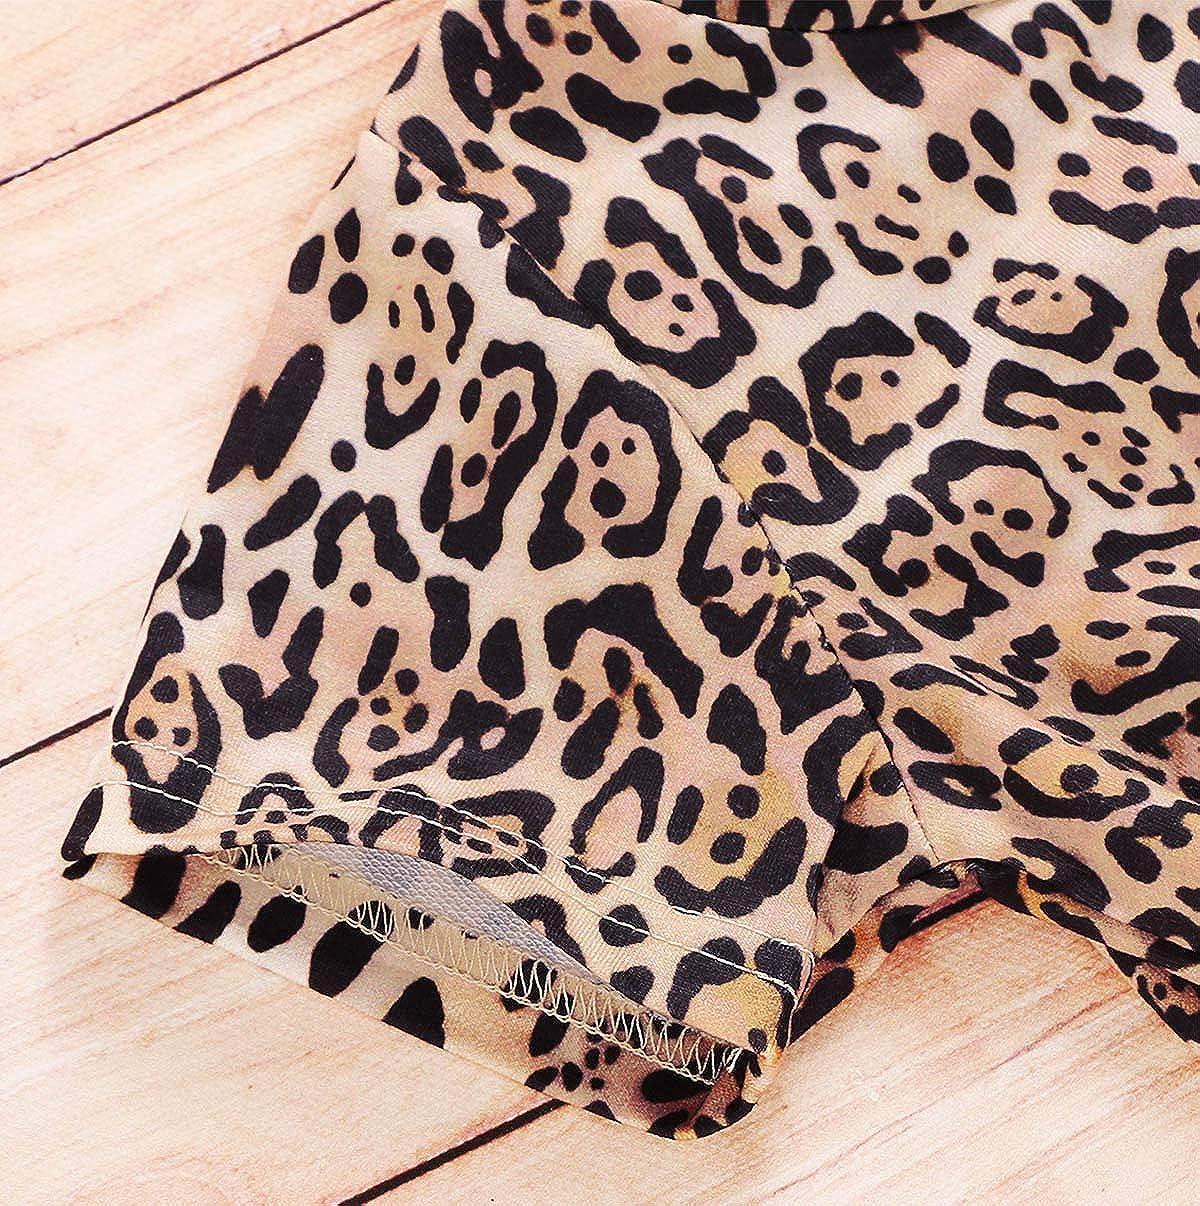 Fashion Toddler Kids Leopard Clothes Little Girls Irregular Leopard Top Shirt Bell-Bottoms Pants Summer Outfits